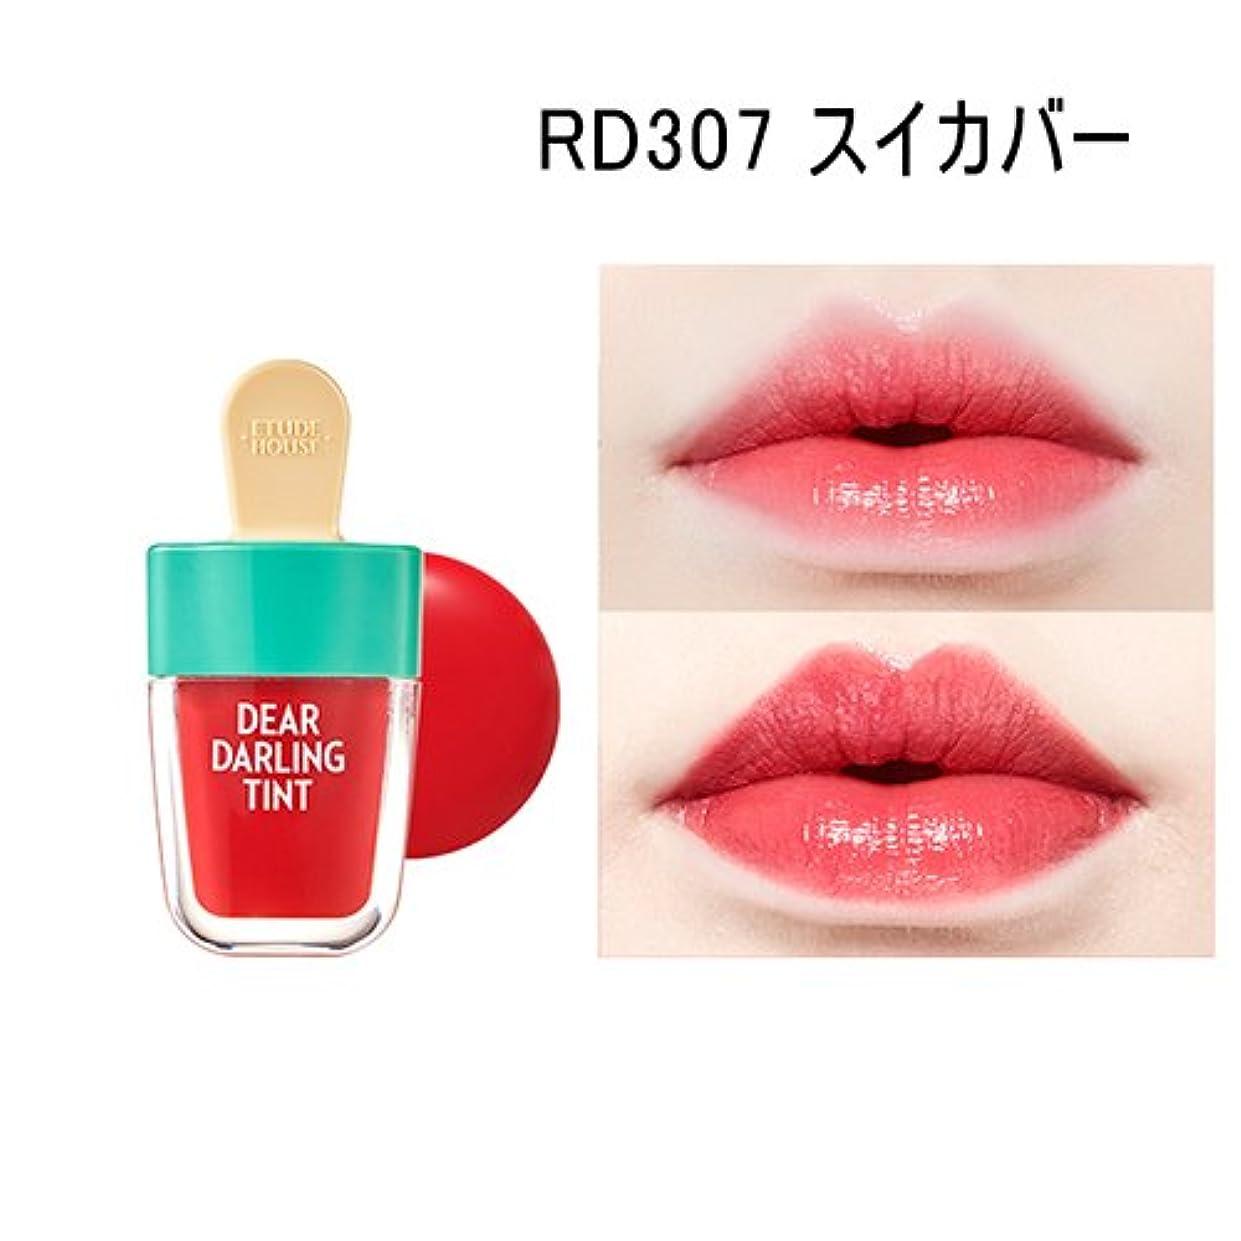 ファブリックに沿ってお祝いEtude House(エチュードハウス) [夏限定]ディアー ダーリン ウォータージェル ティント/Dear Darling Water Gel Tint(4.5g) (RD307(スイカレッド)) [並行輸入品]